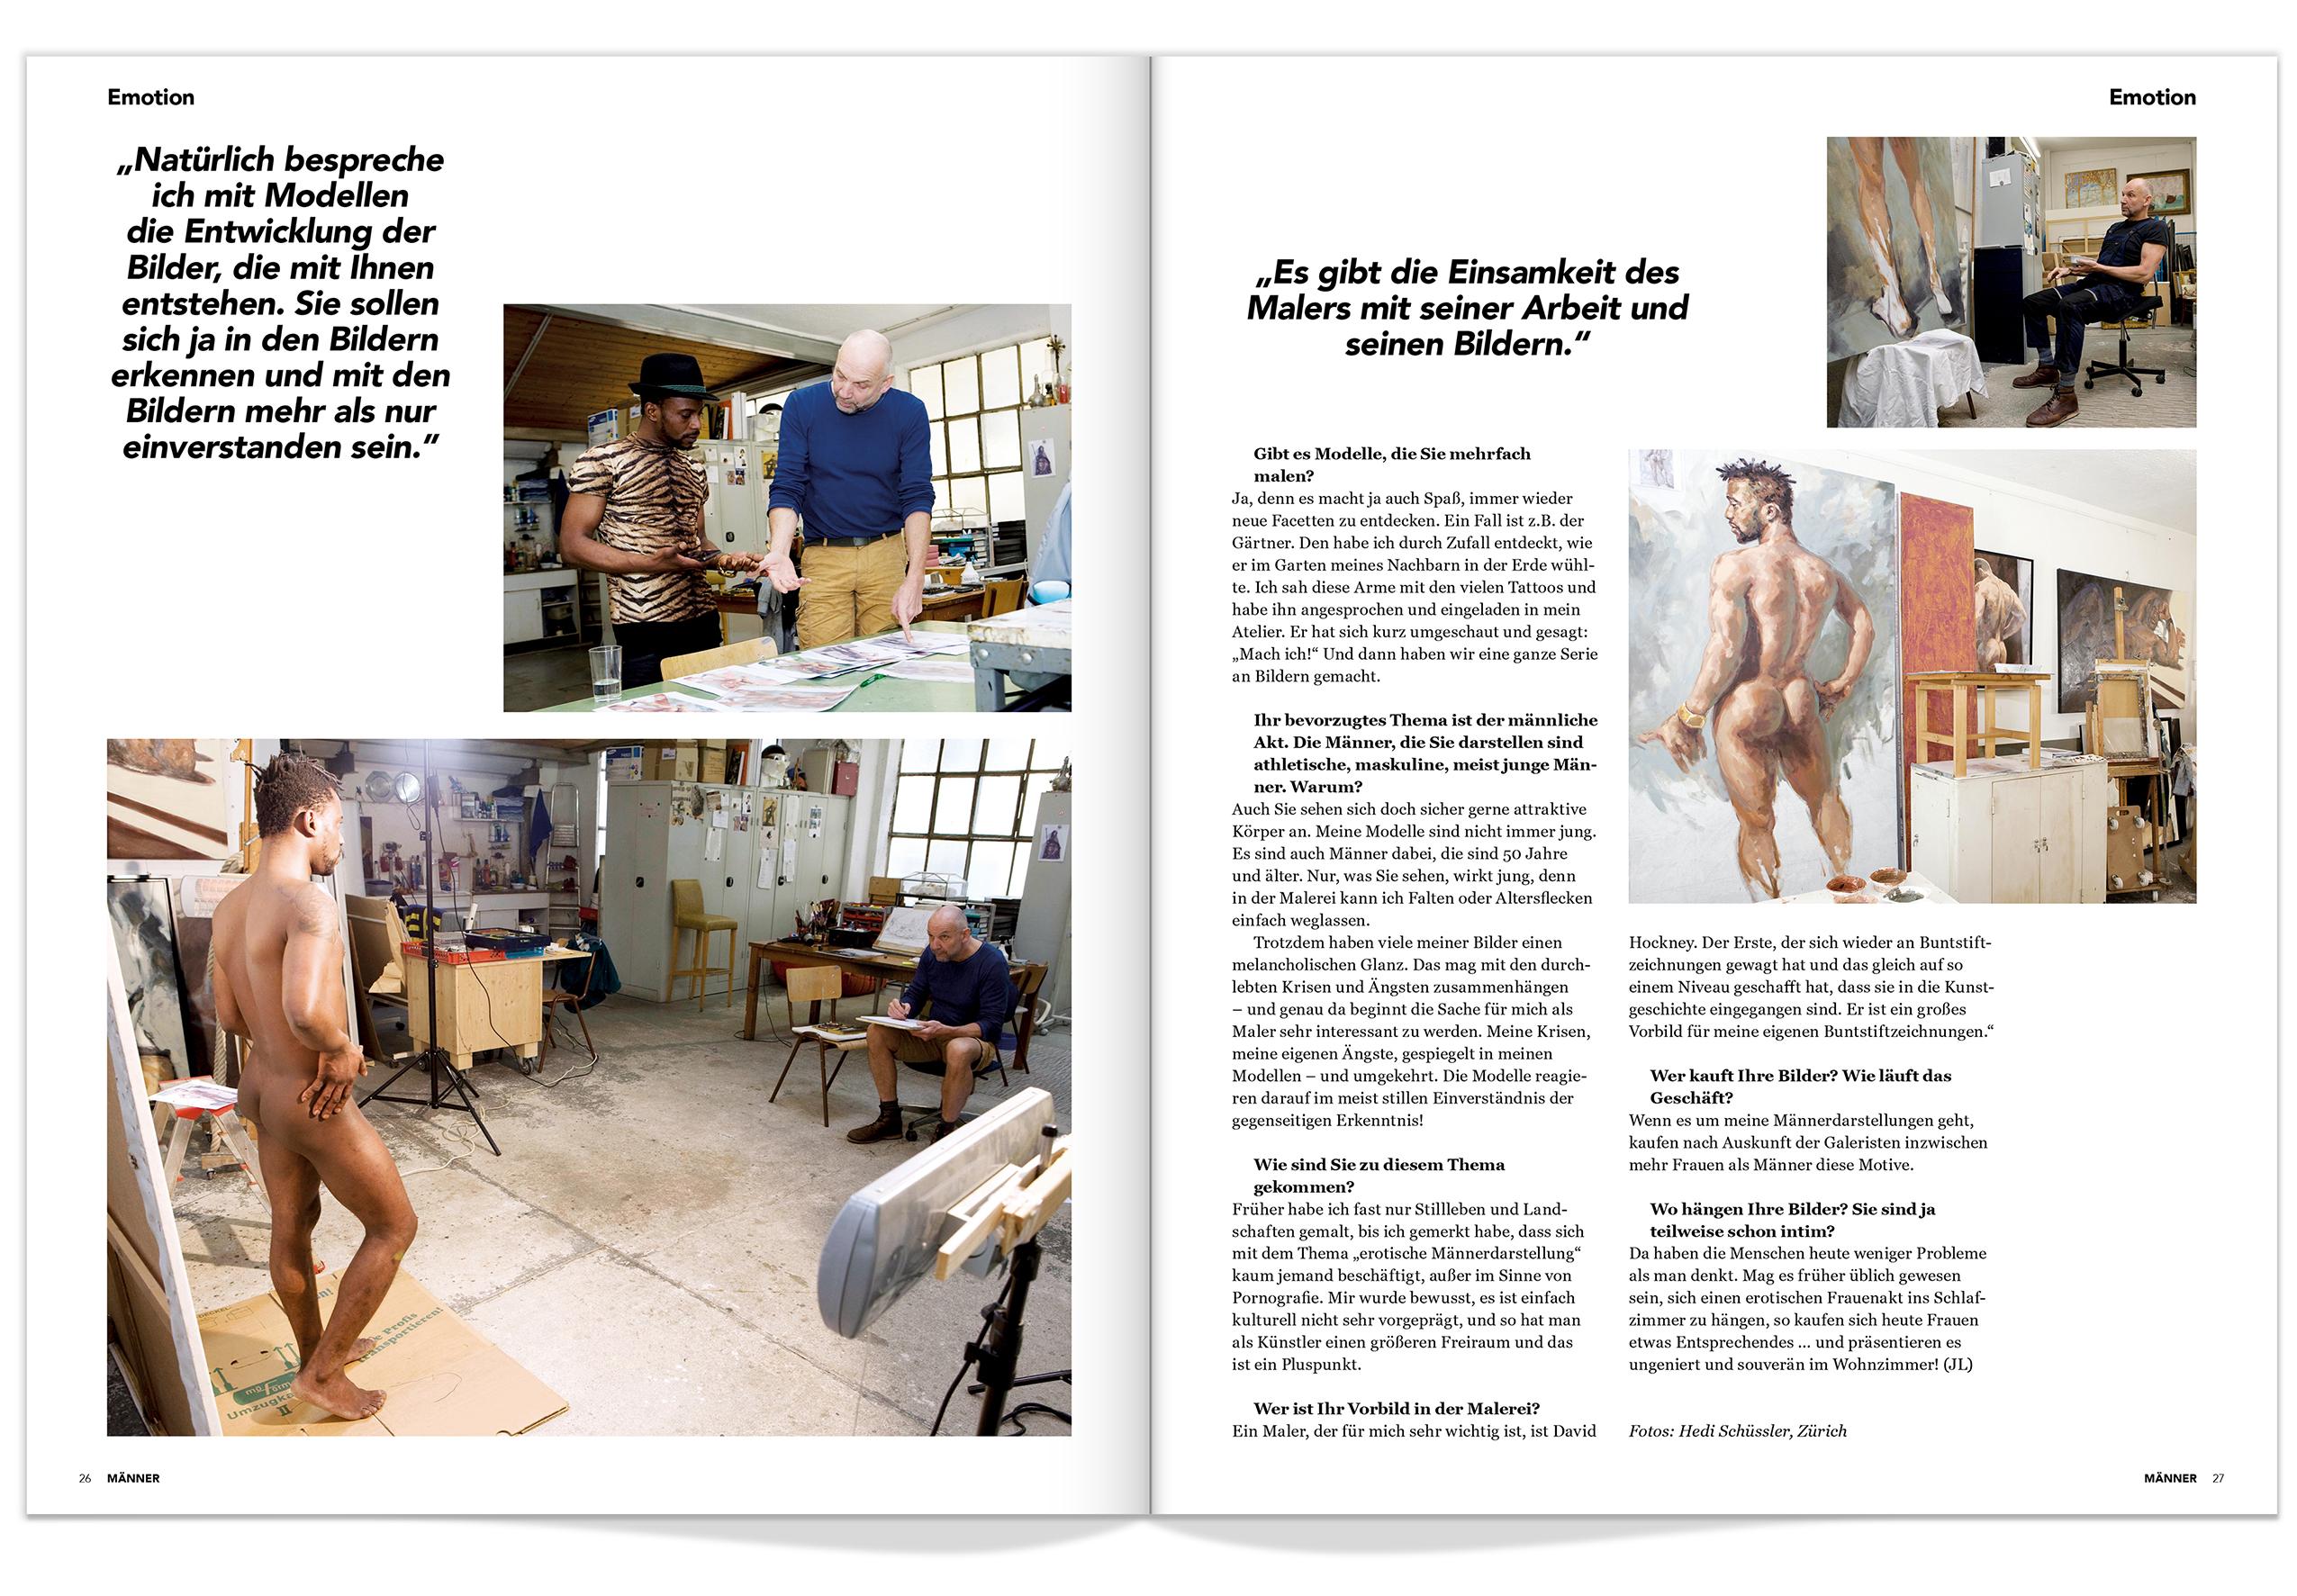 Männer Magazin